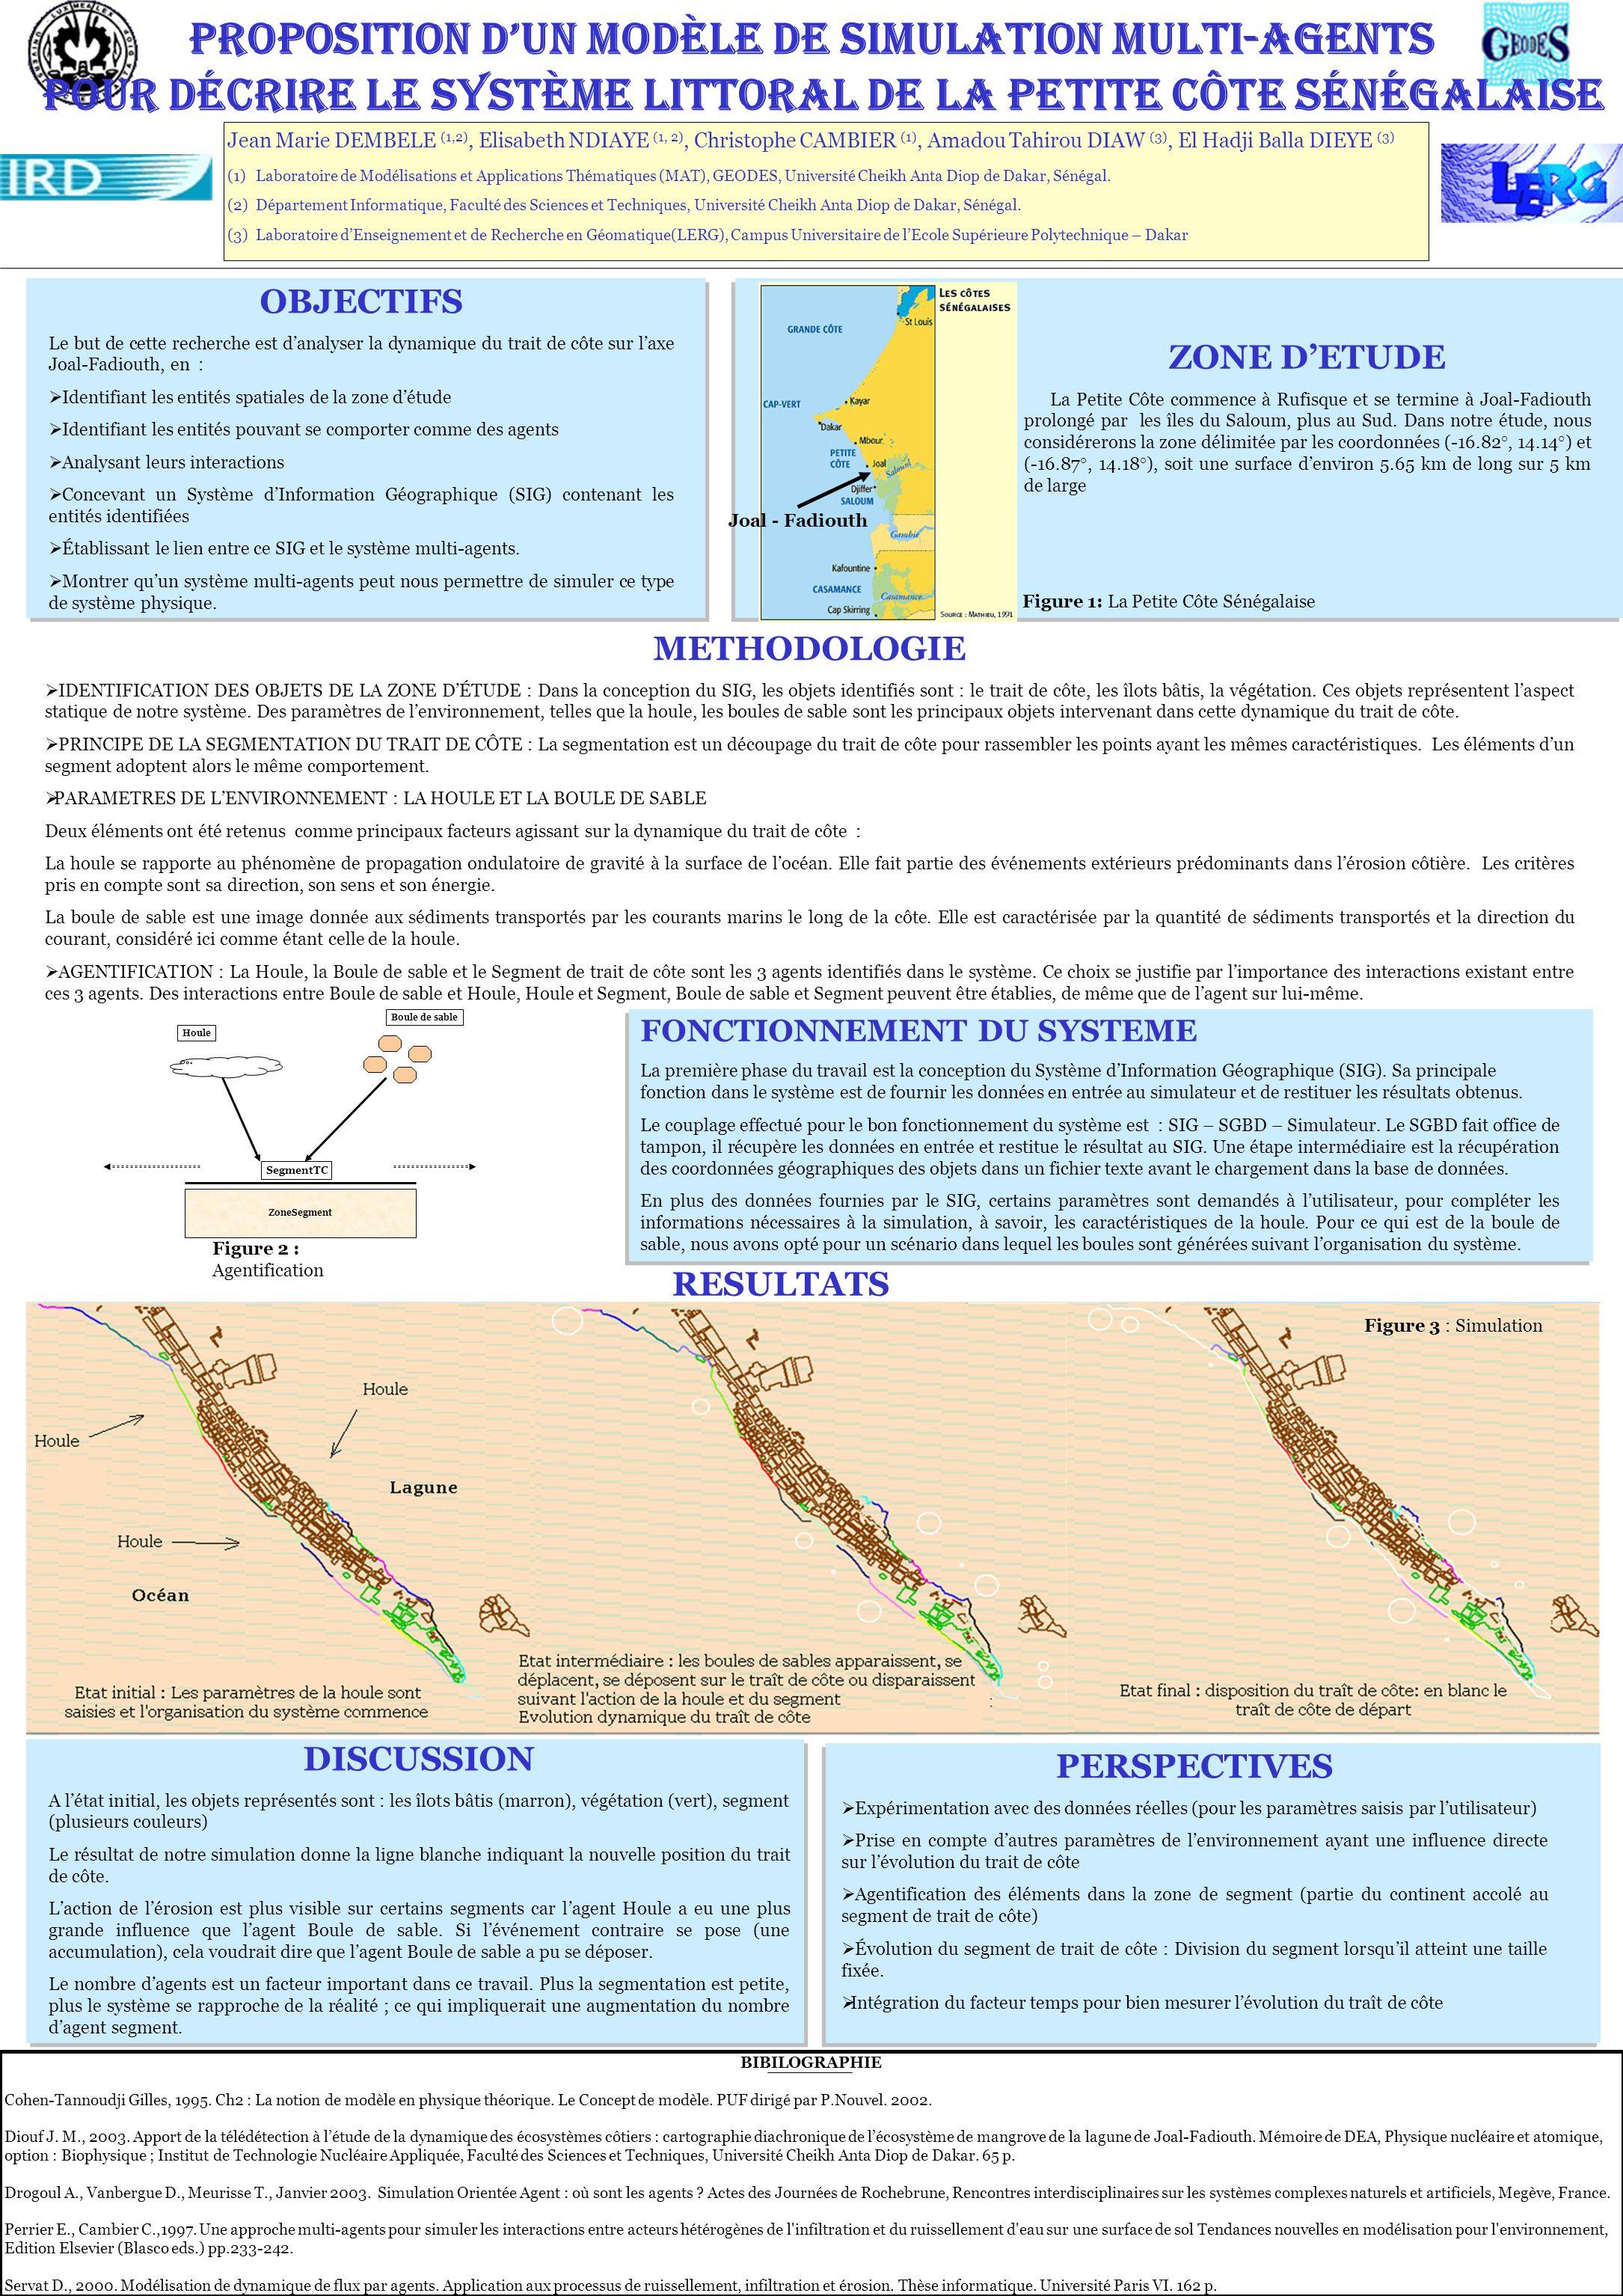 Proposition d'un modèle de simulation multi-agentS pour décrire le système littoral de la Petite Côte sénégalaise